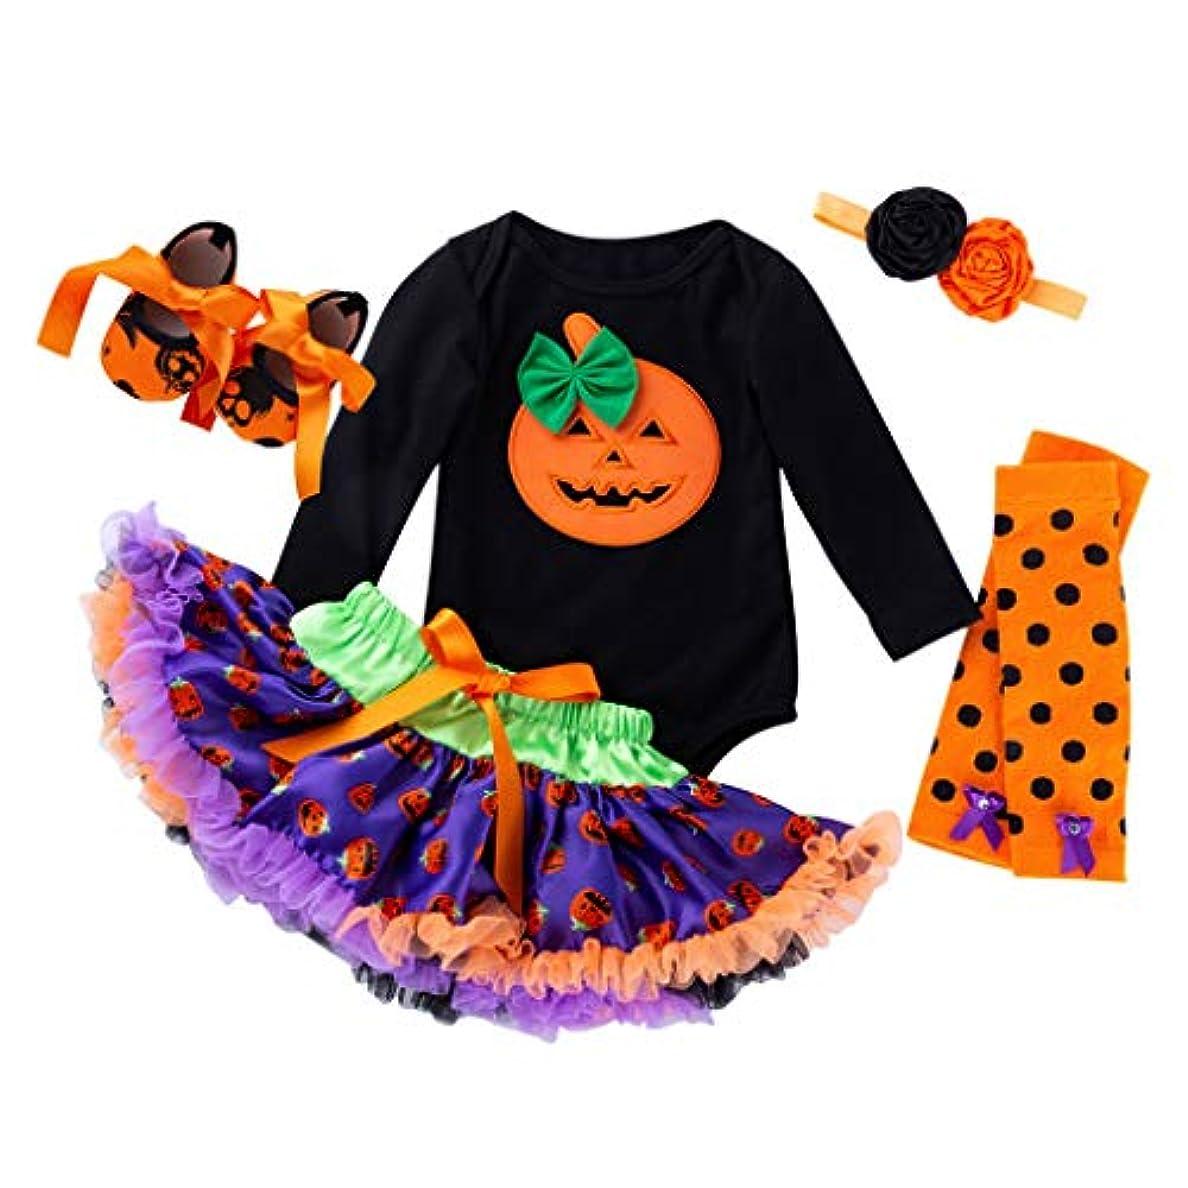 柔らかさコーナー野なハロウィン 赤ちゃん ワンピース Huliyun 女の子 ロンパース かわいい キッズ 仮装 子供用2ピース長袖ローブ+チュチュスカート ハロウィン 衣装 子供 女の子 パンプキン かぼちゃ 仮装